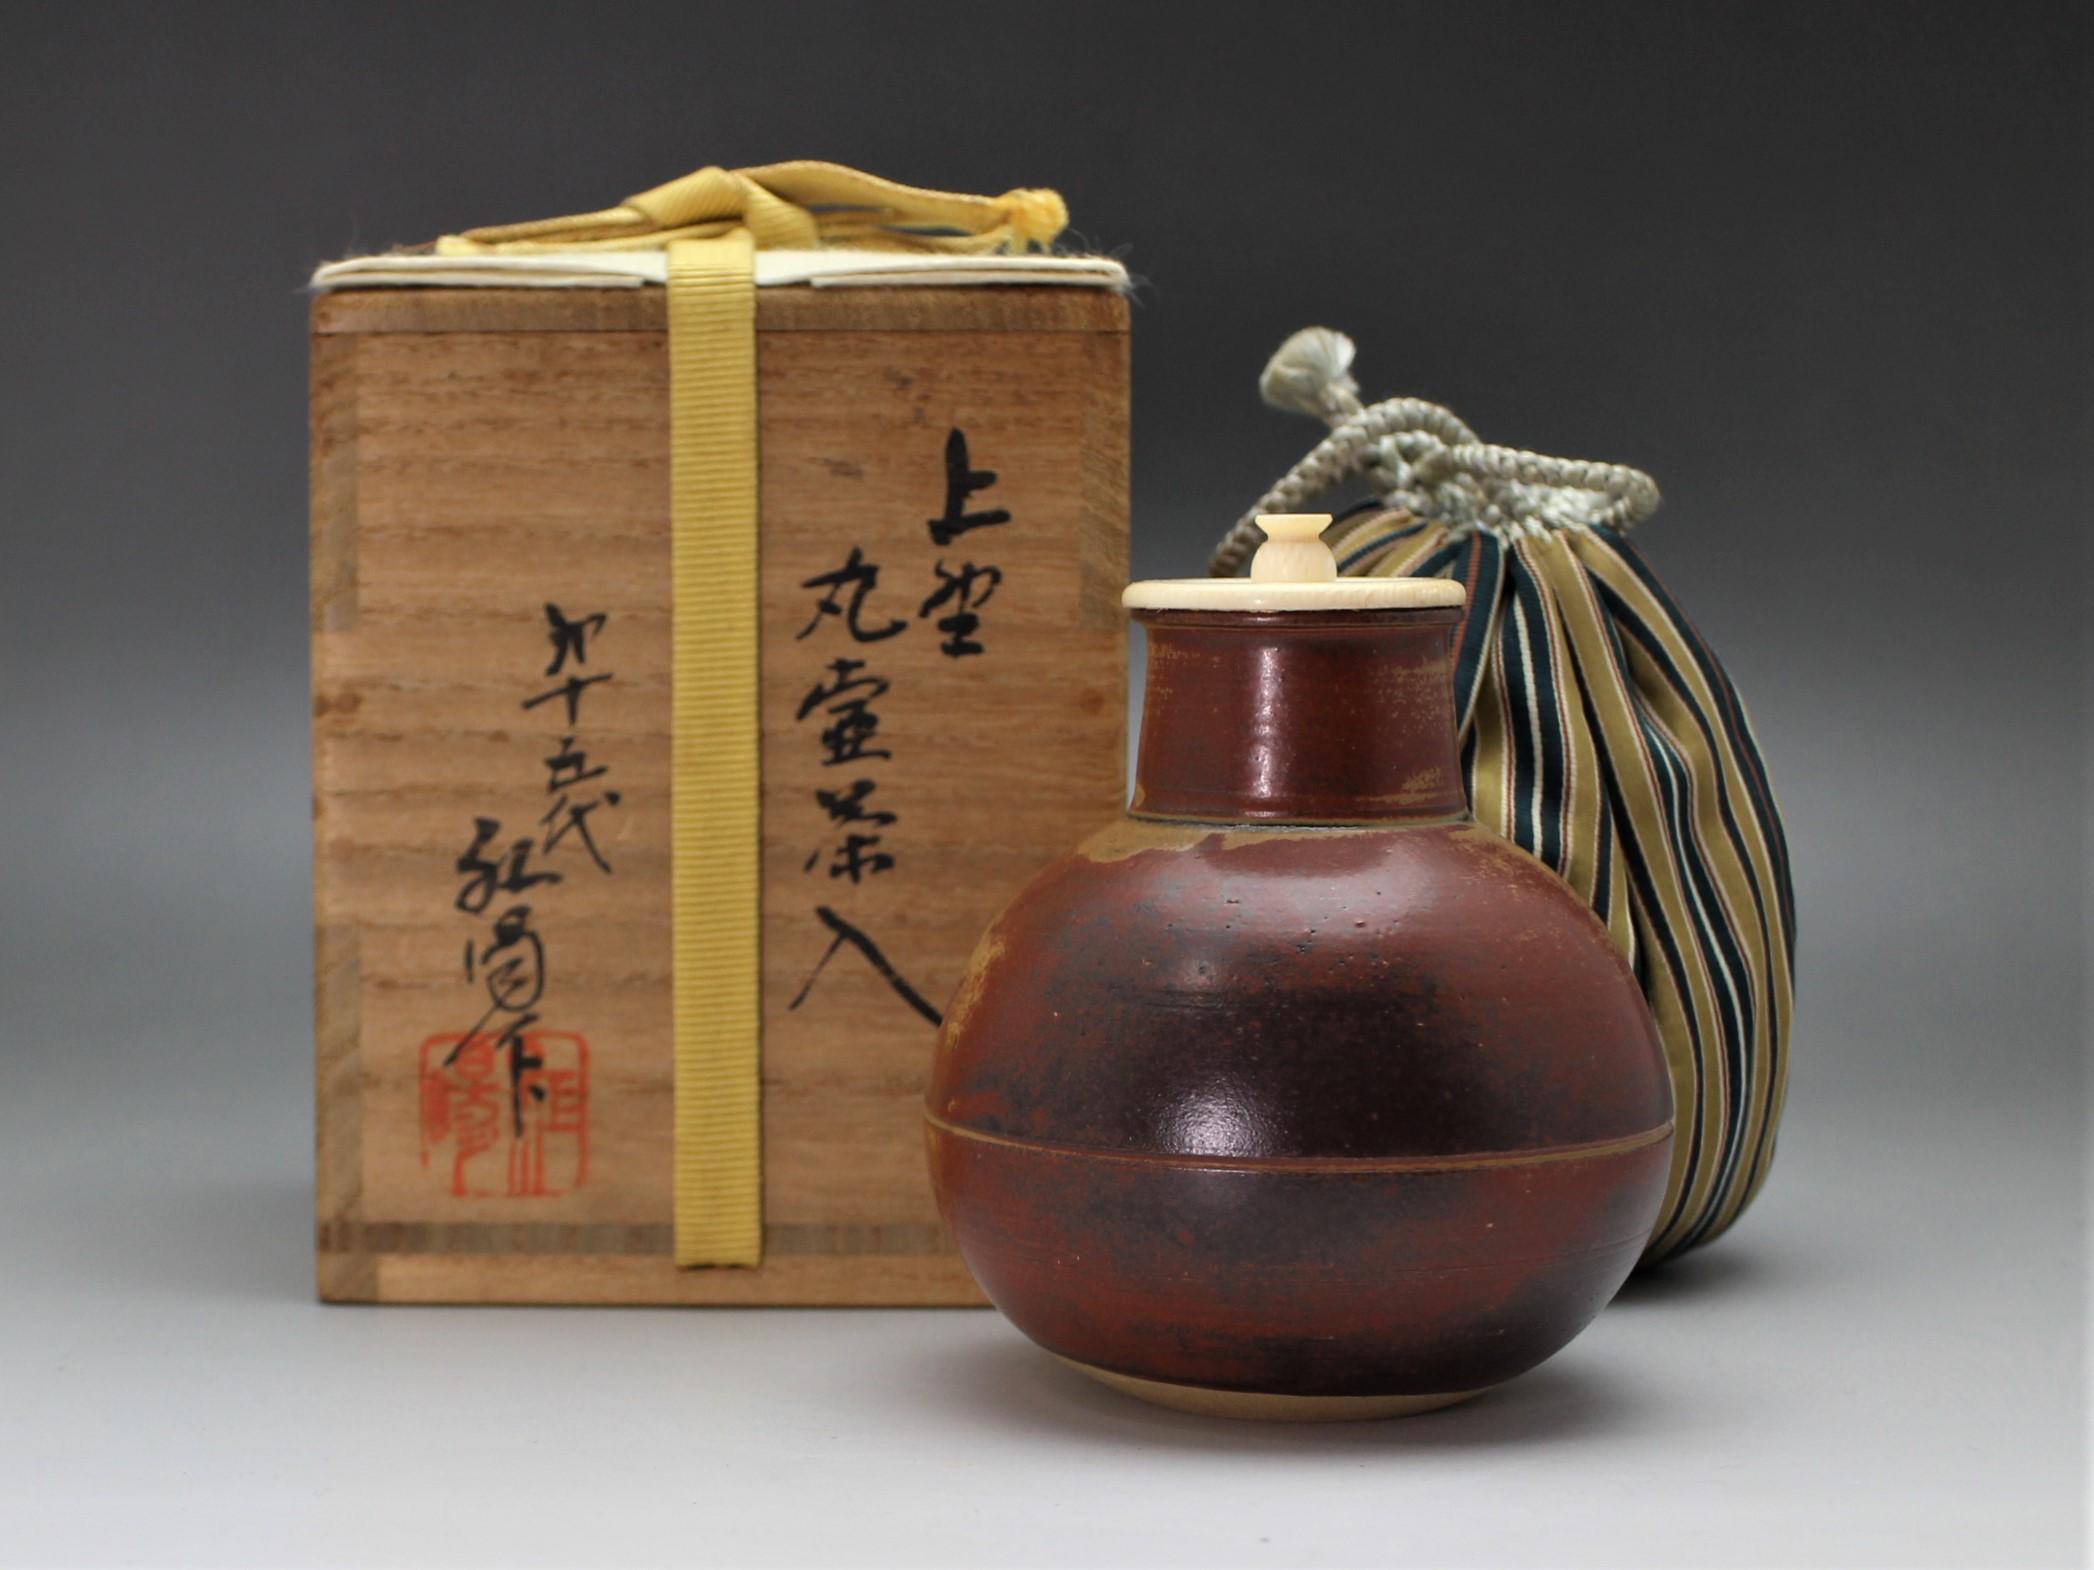 上野焼茶入